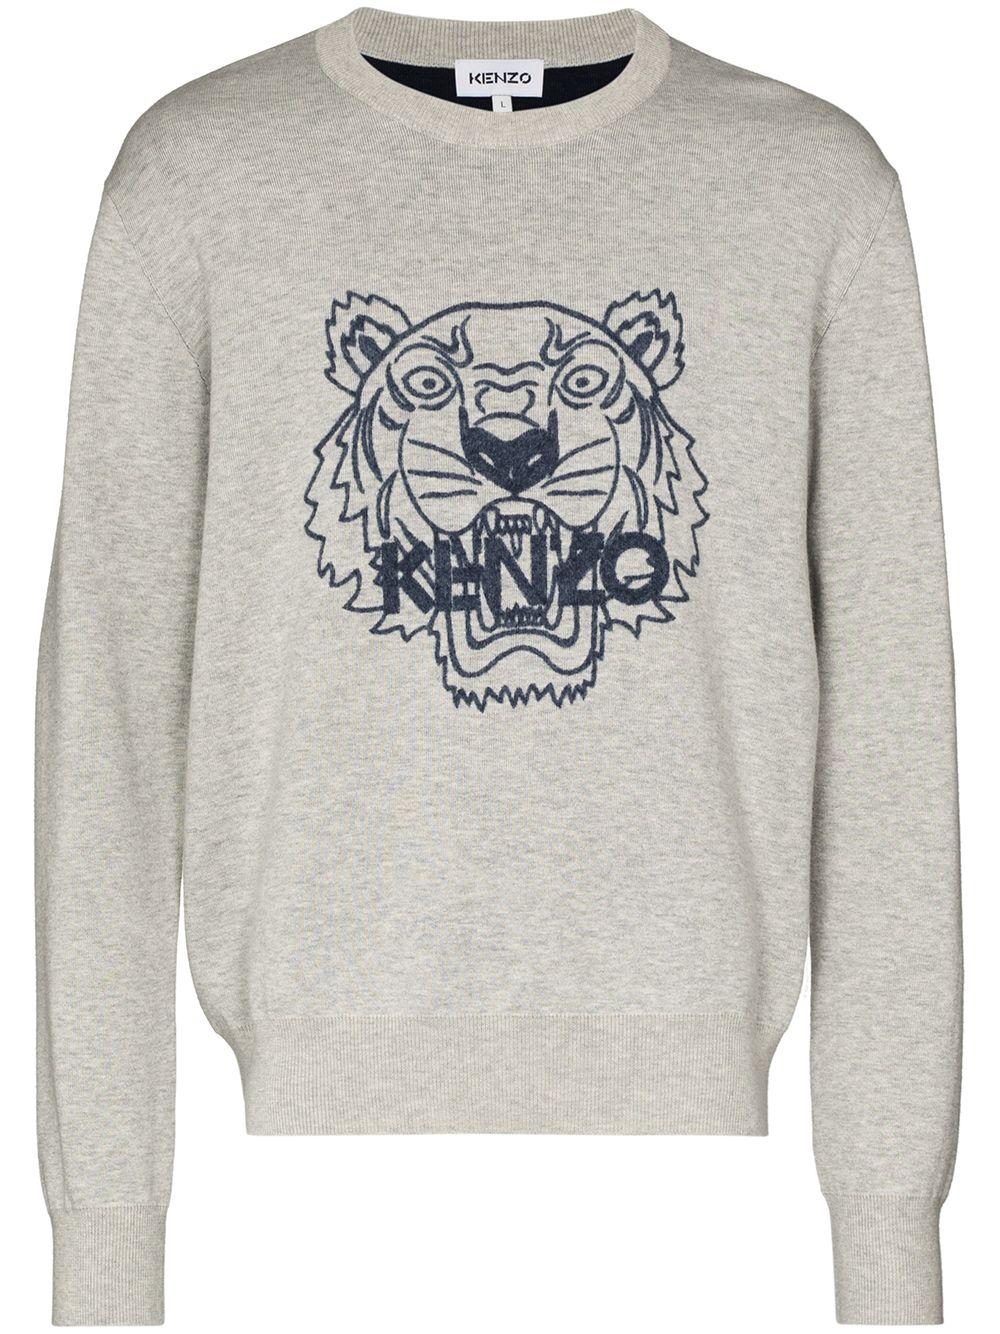 Kenzo Sweatshirt mit Tiger-Print - Grau